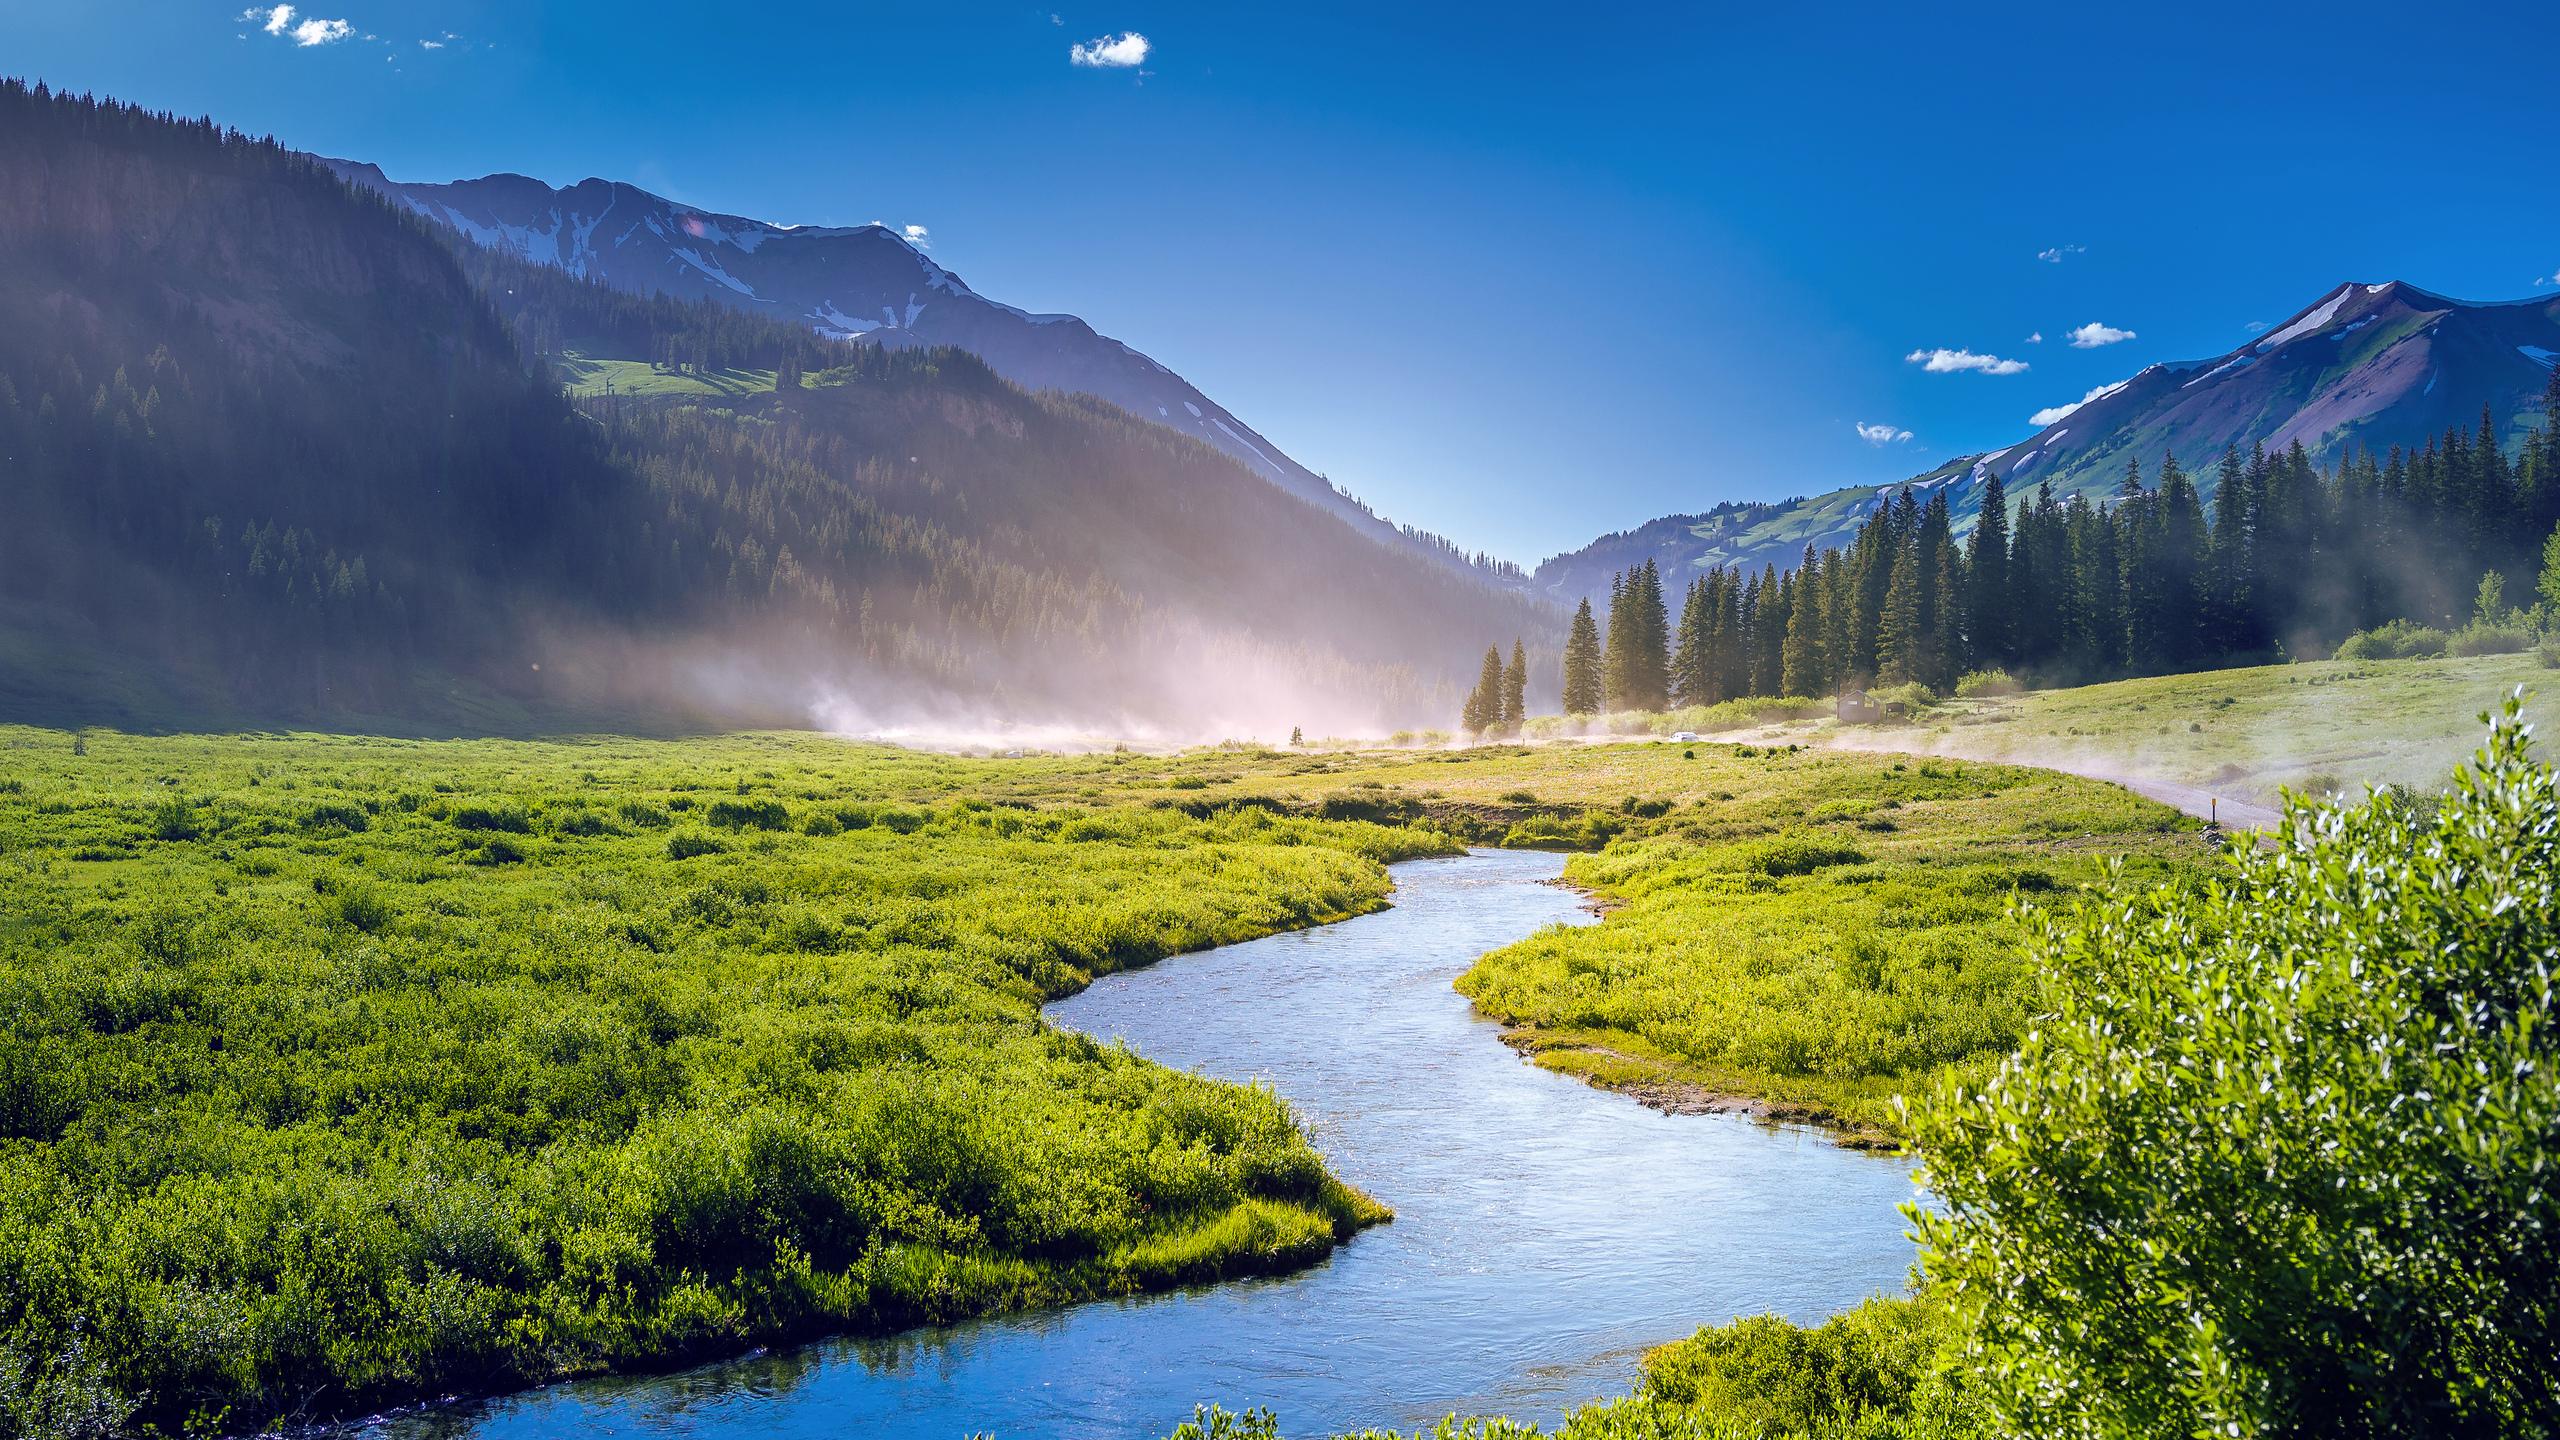 2560x1440 Beautiful Greenery Landscape 1440p Resolution Hd